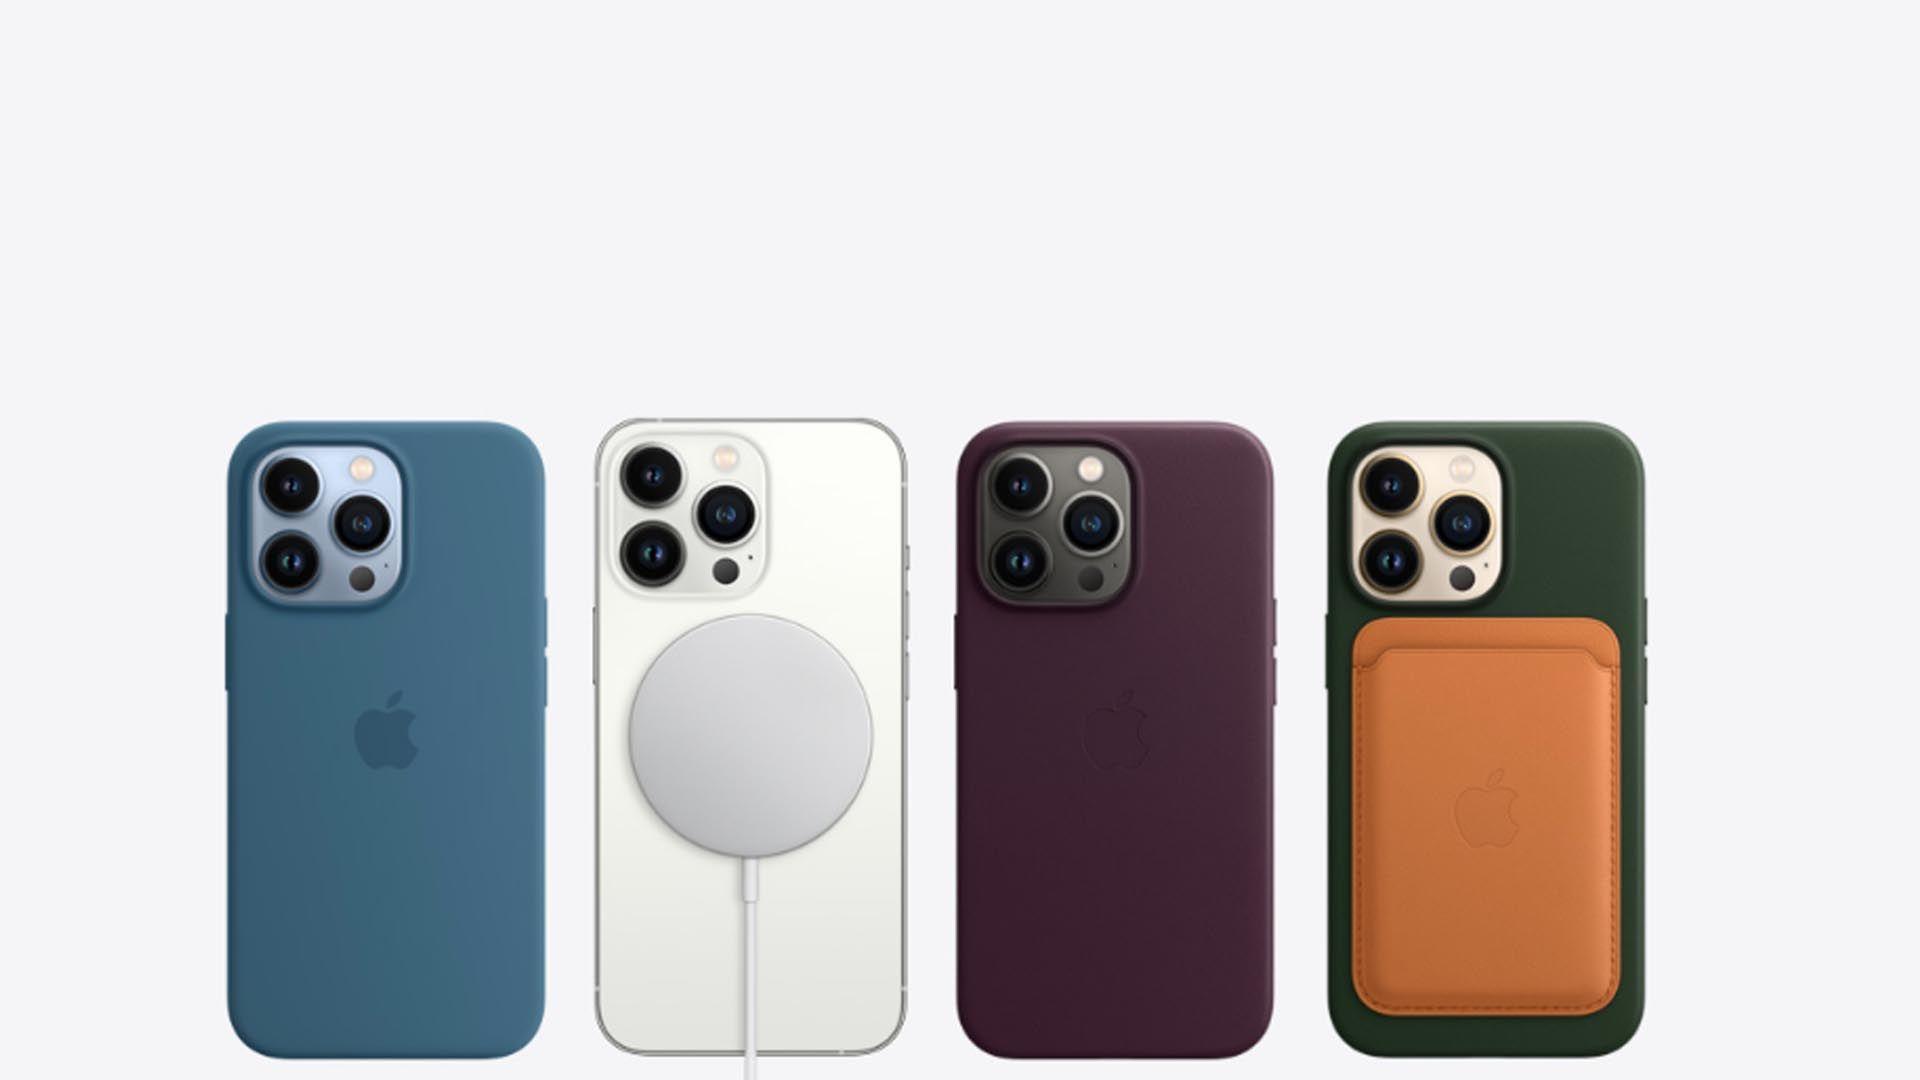 Imagem que mostra o iPhone 13 Pro Max com capas magnéticas.